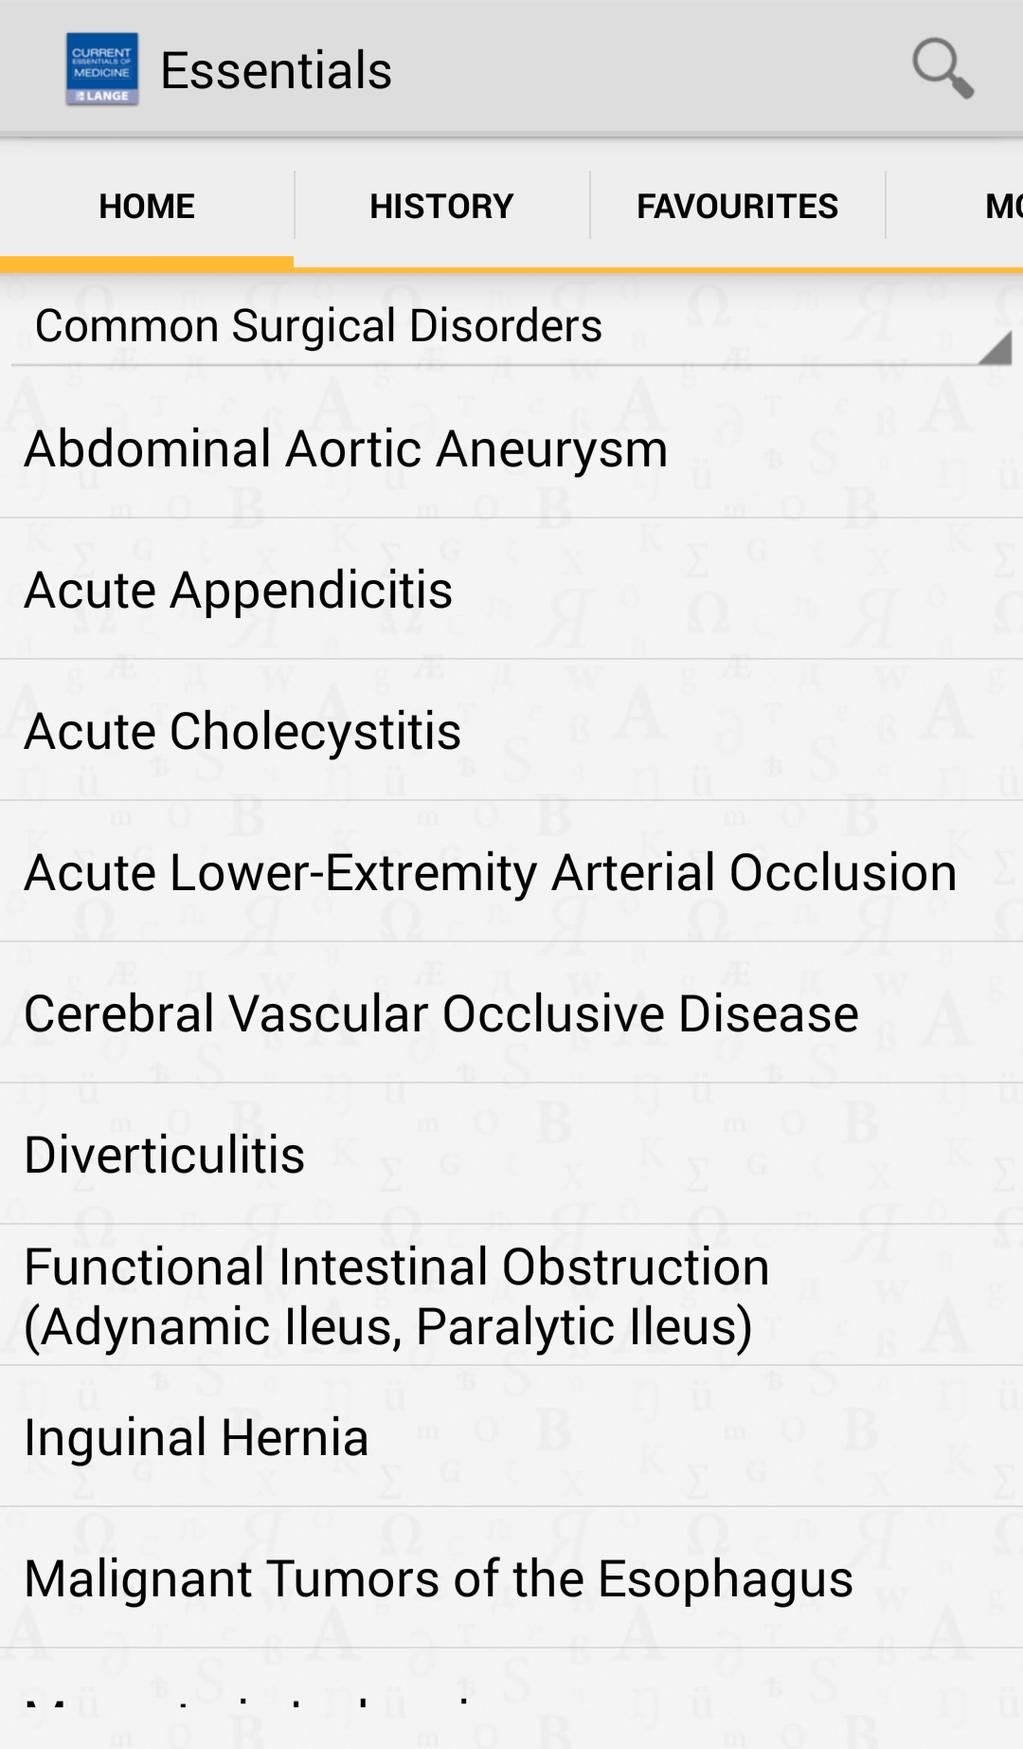 Current Essentials of Medicine Screenshot 3